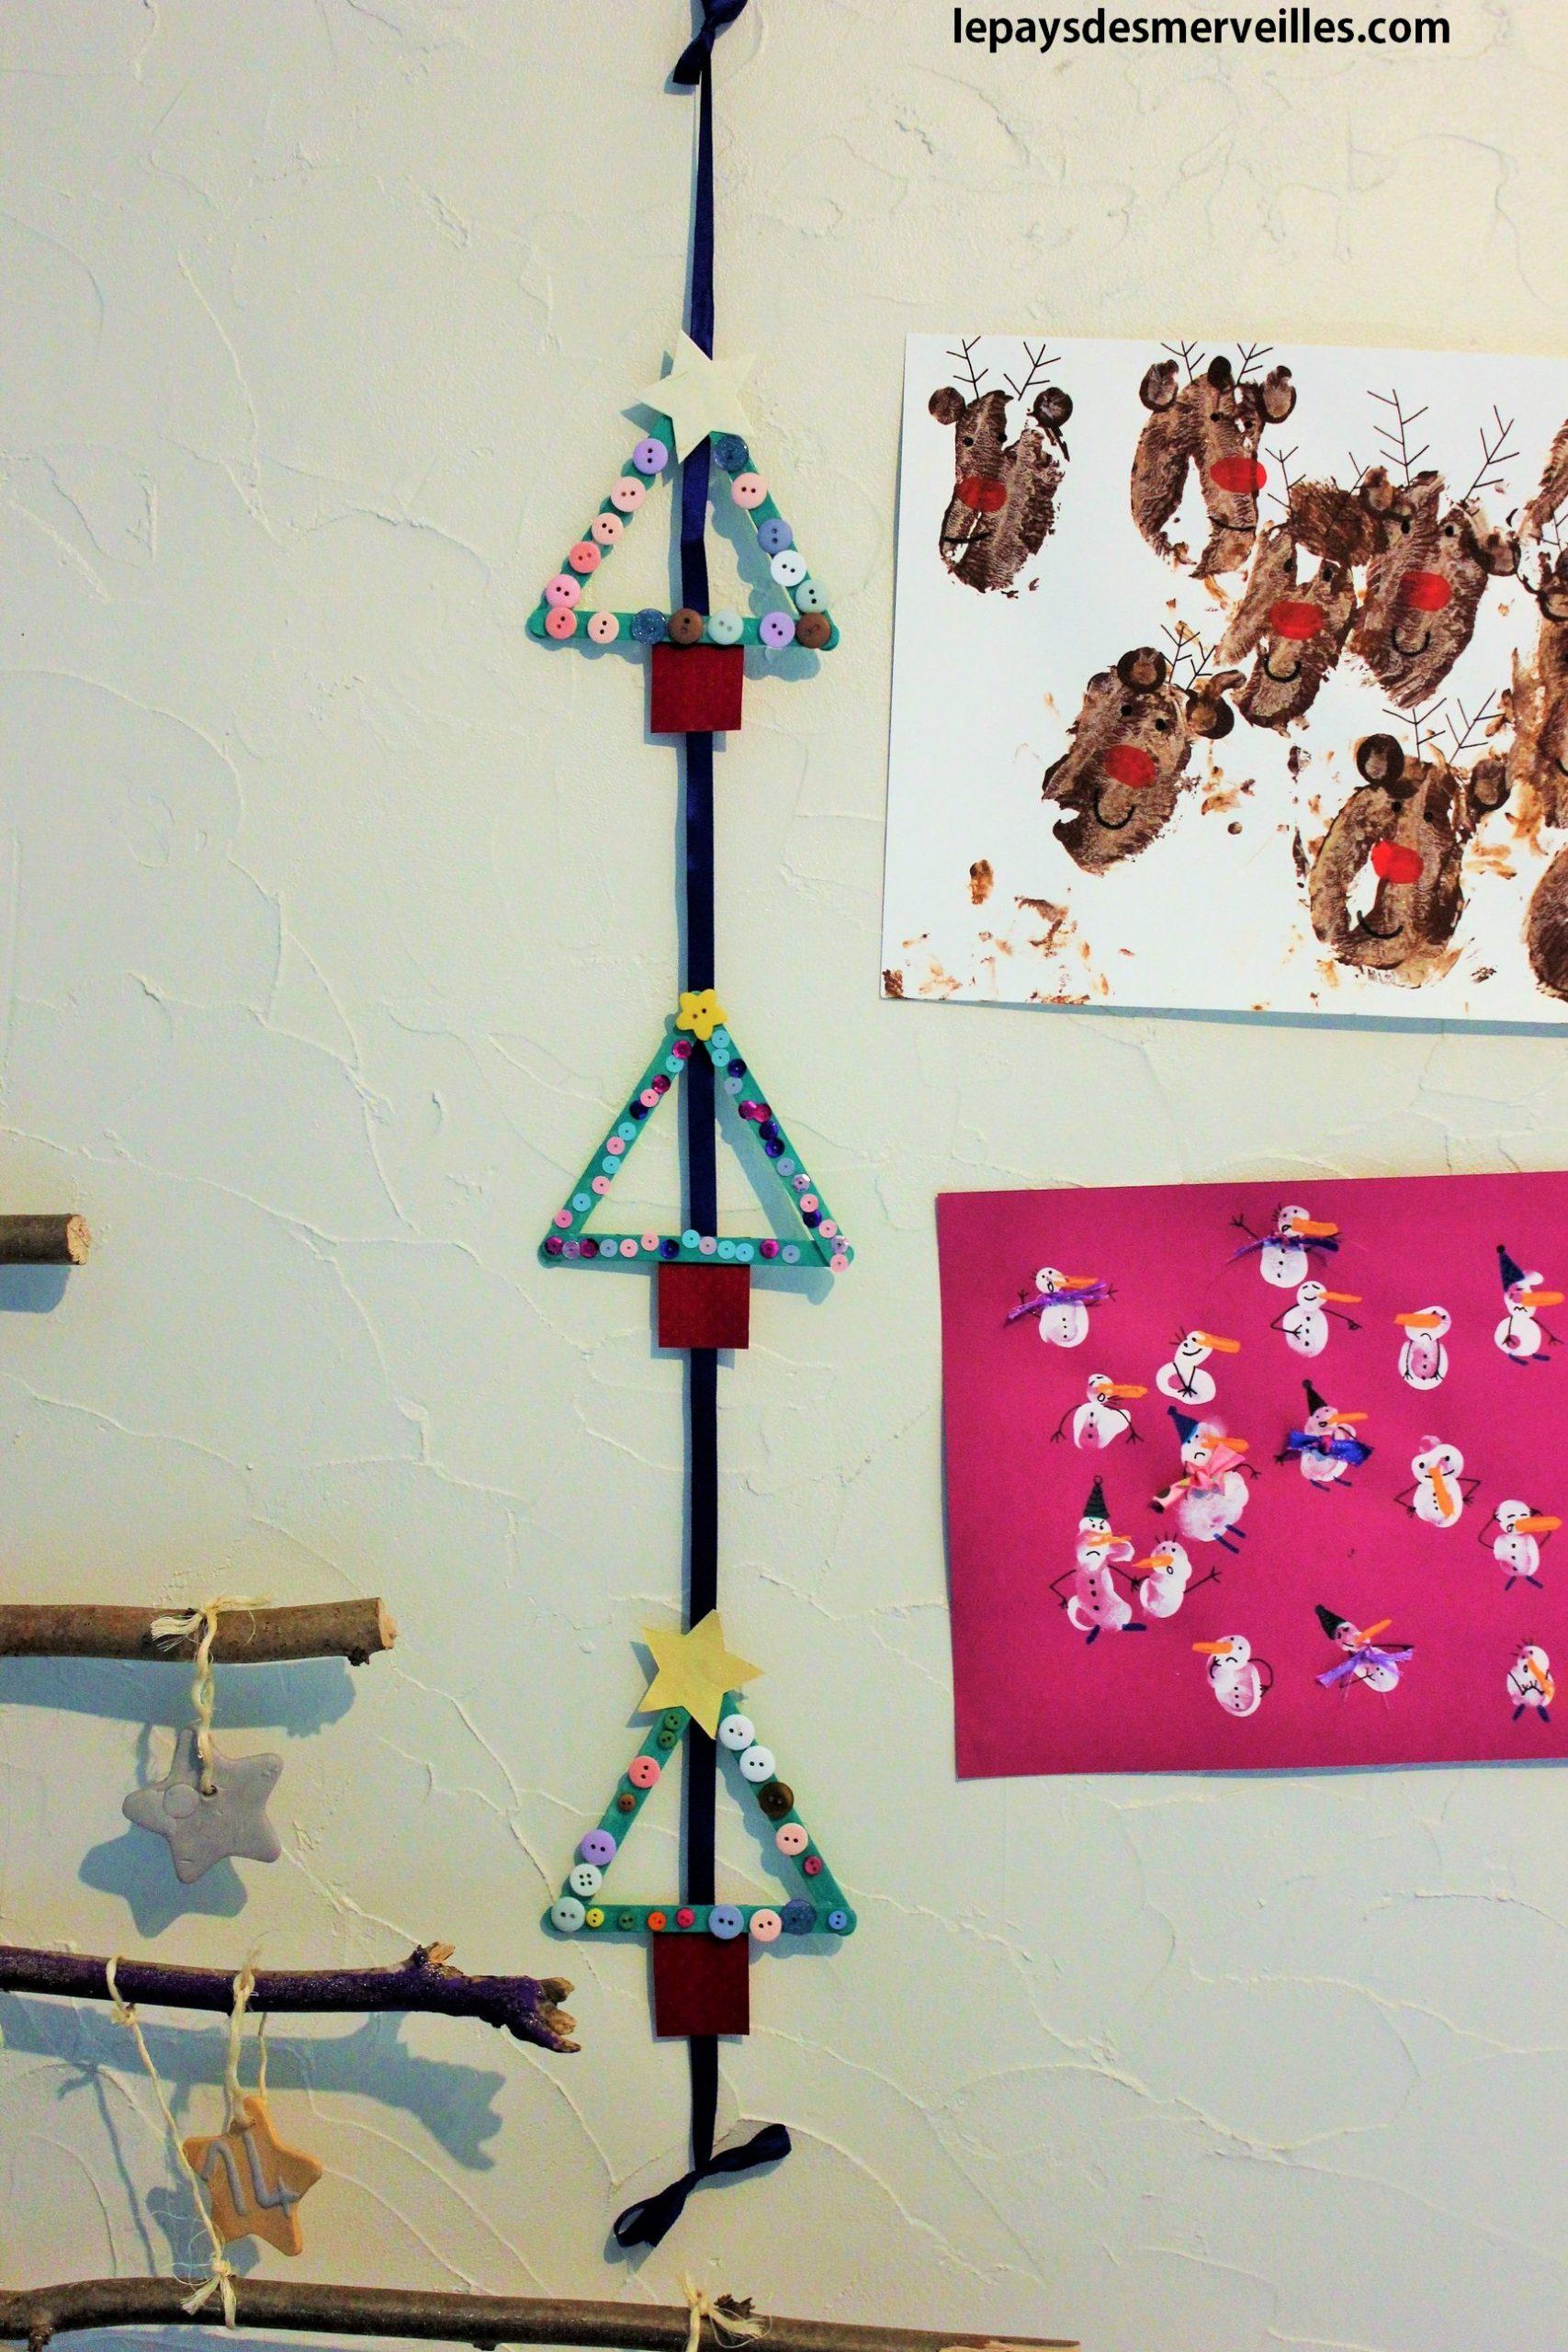 Sapins Avec Des Bâtons De Glace - Le Pays Des Merveilles intérieur Activités Manuelles Enfants Noel